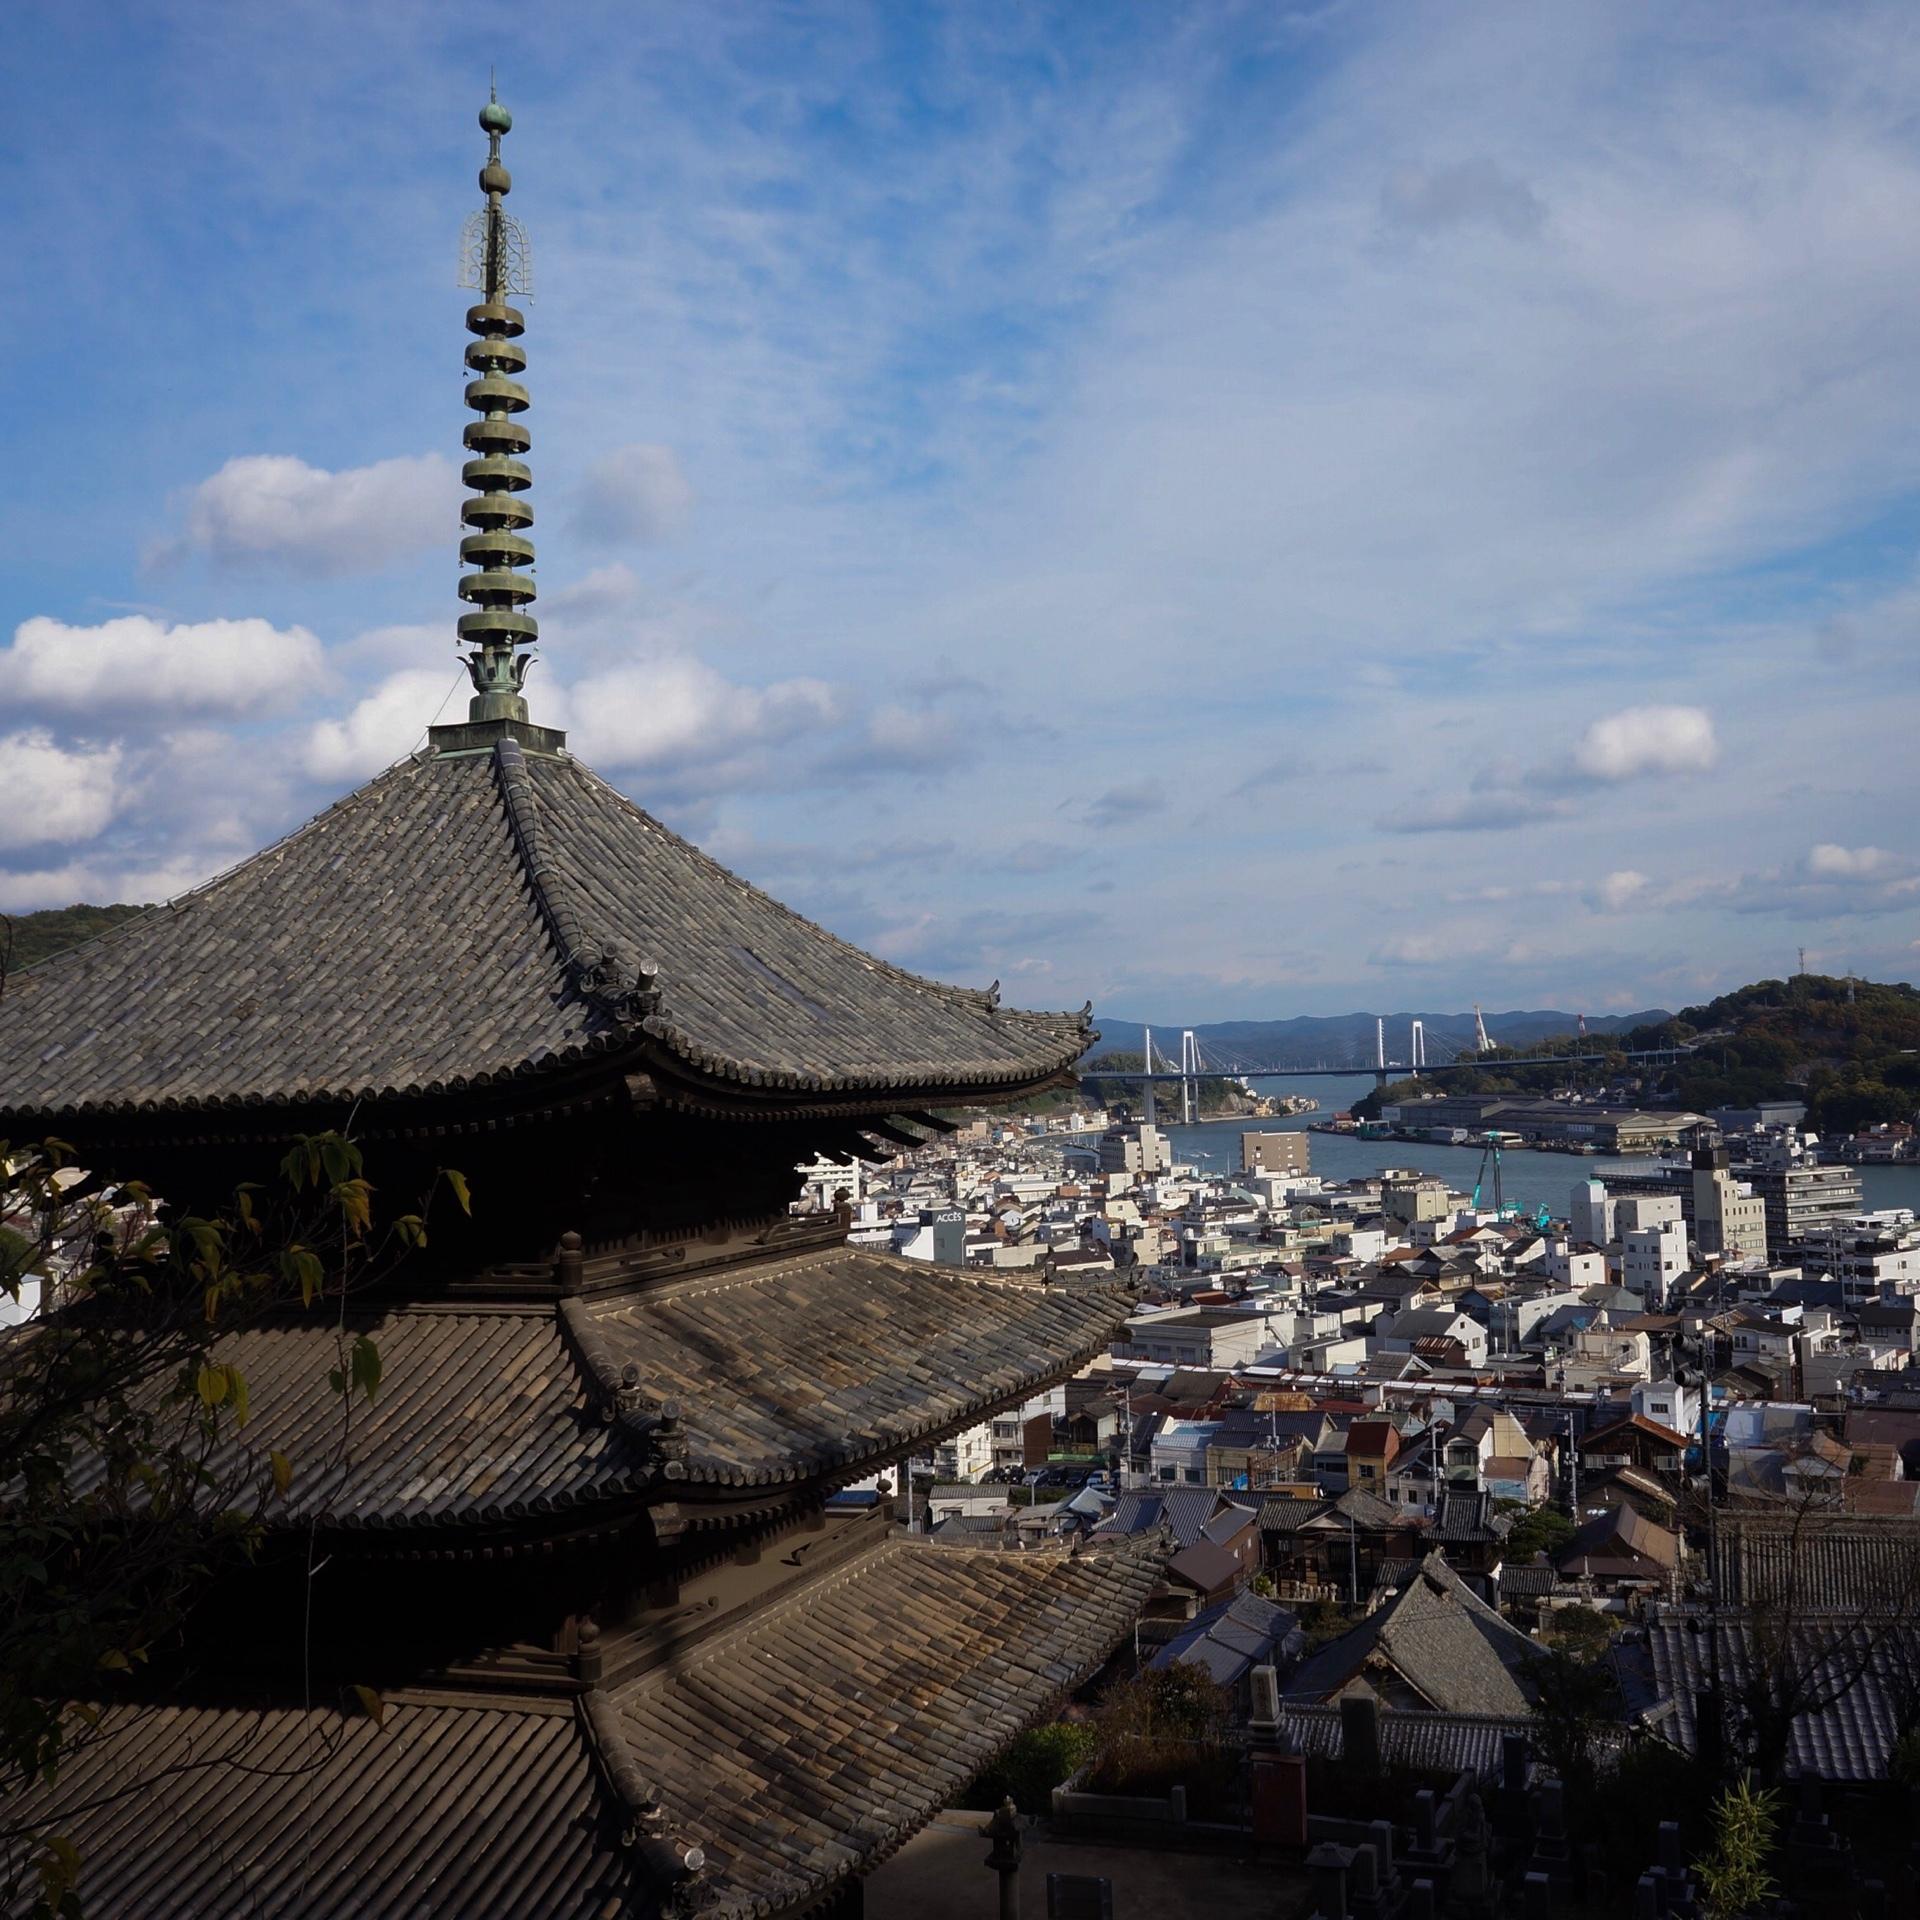 「転校生」「時をかける少女」「さびしんぼう」など、尾道3部作の舞台となった街。どこか鎌倉にも似た雰囲気。